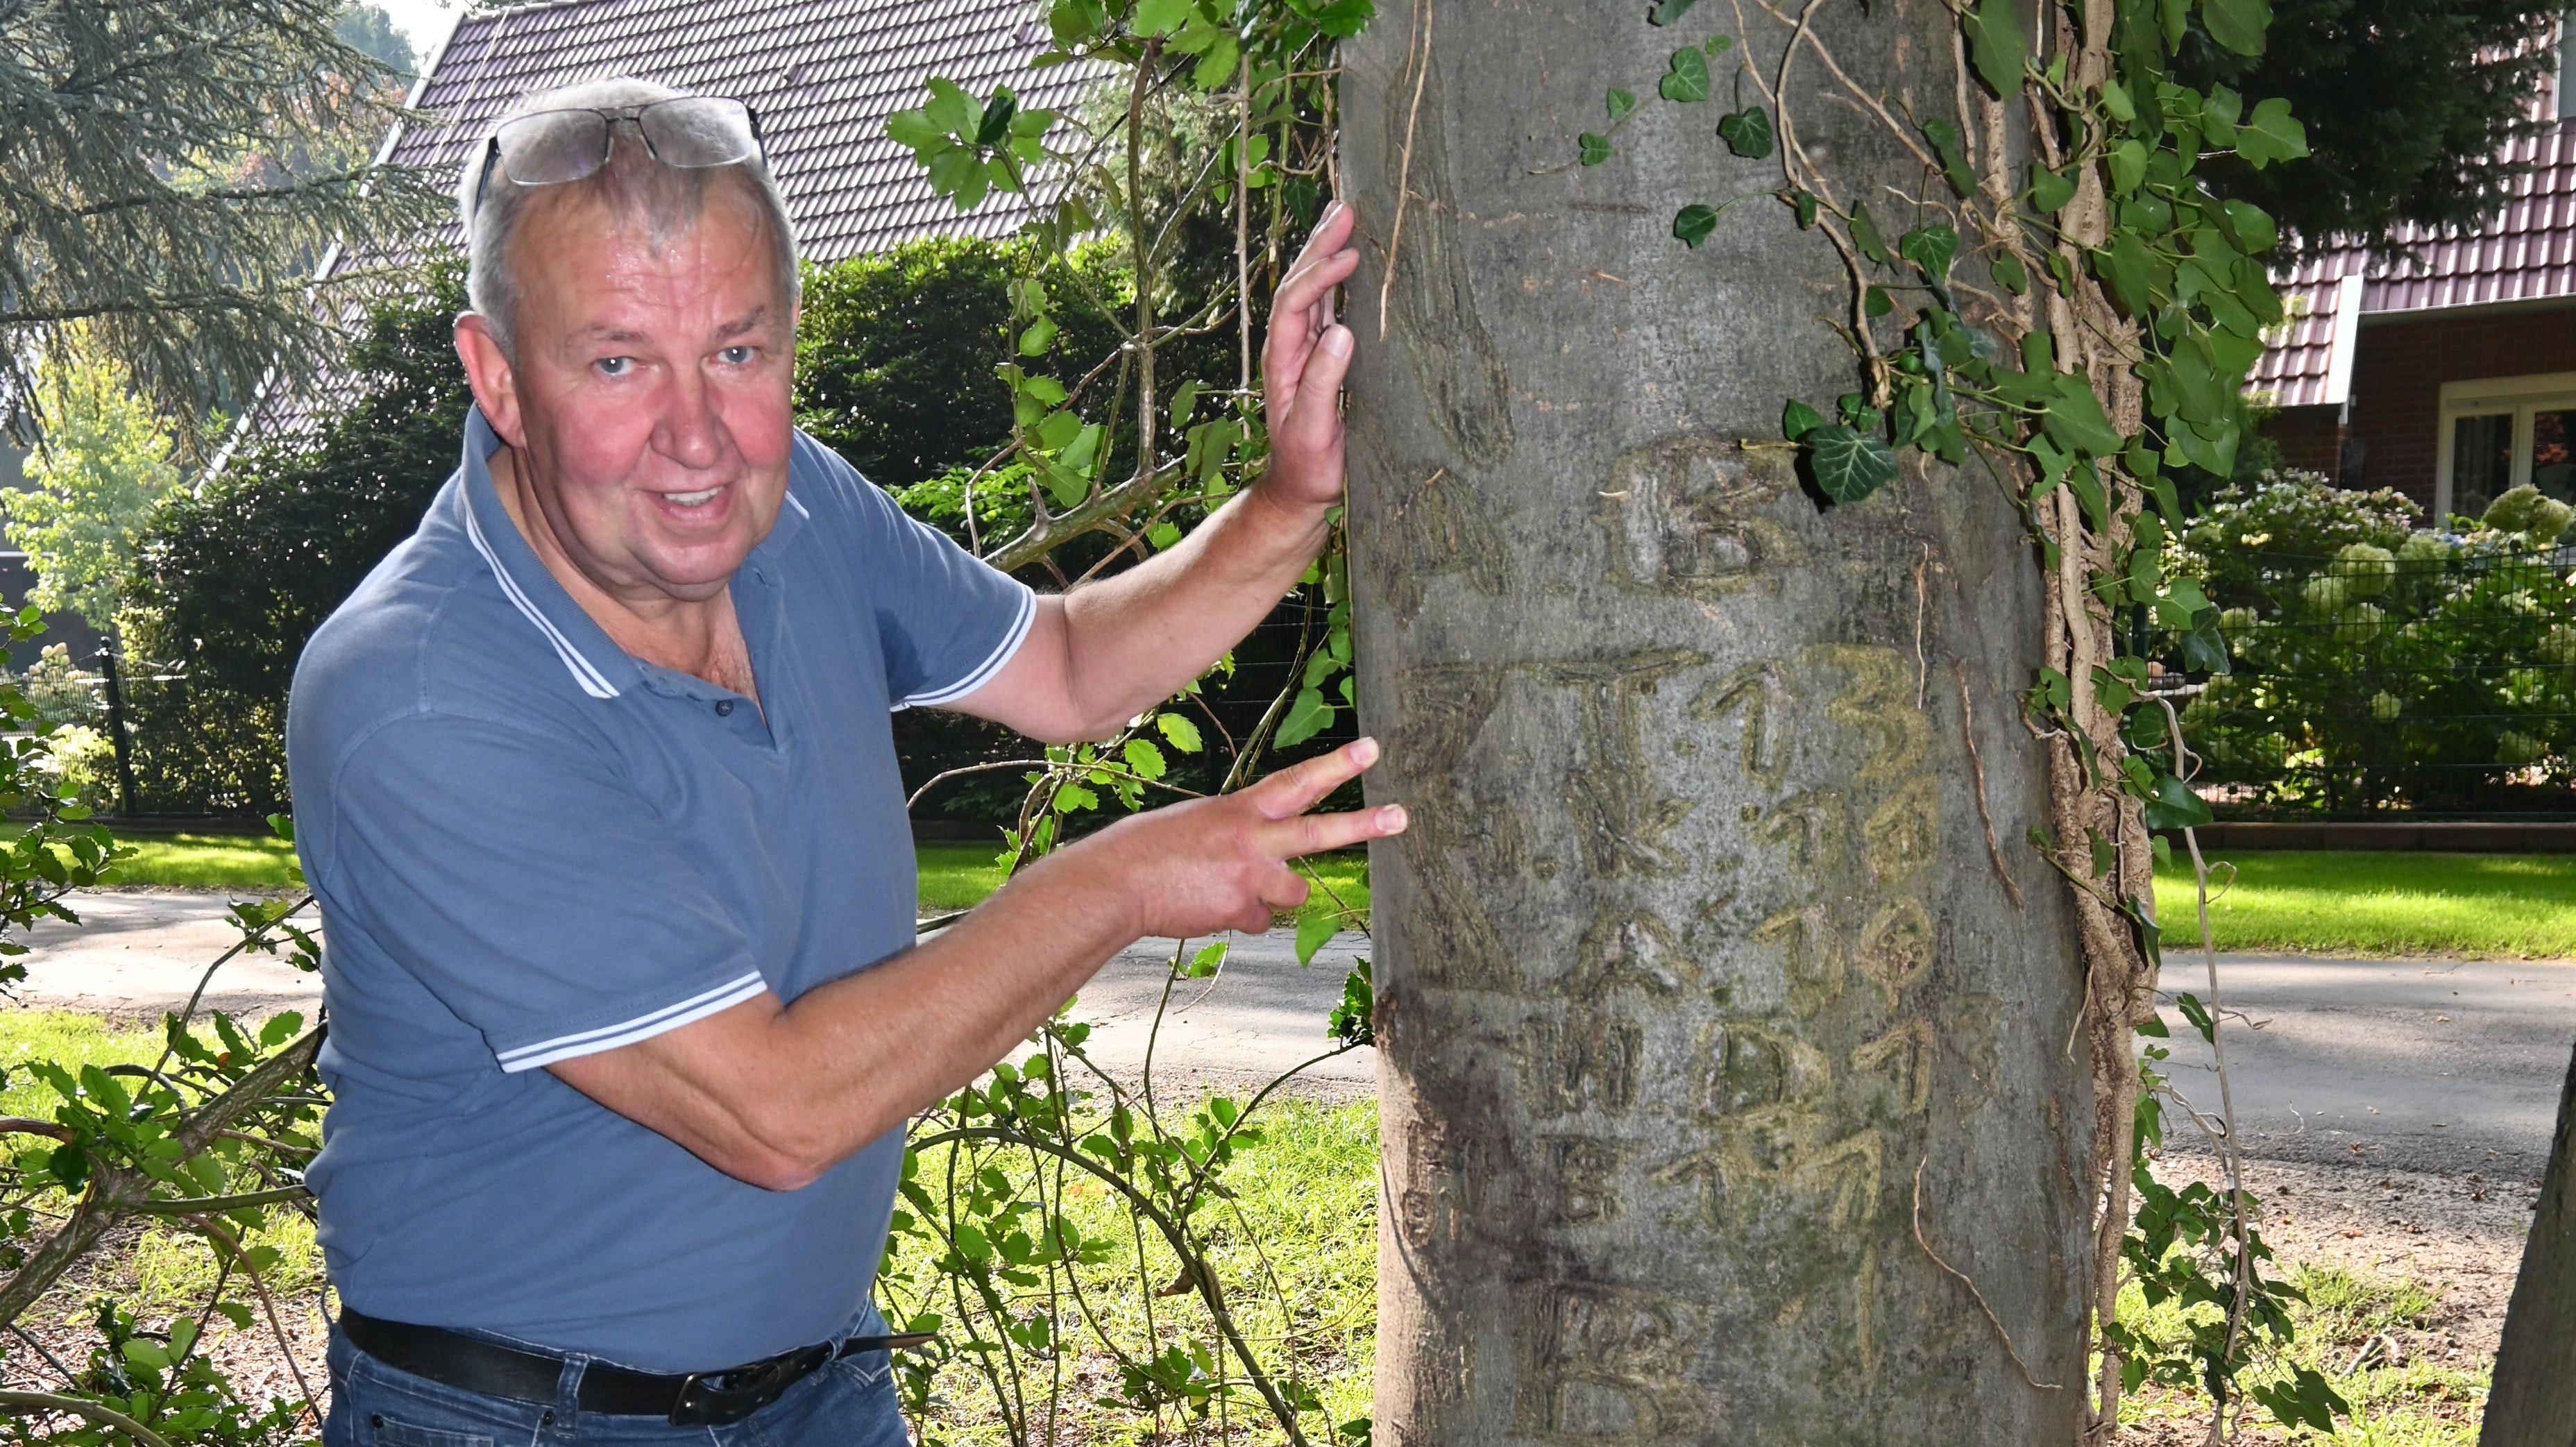 Erinnerungen: In den Stamm hat Josef Tabeling vor 51 Jahren seine Initialen geritzt. Kürzlich hat er die Zeichen bei einem Spaziergang mit Mischling Olli wiederentdeckt. Foto: Thomas Vorwerk